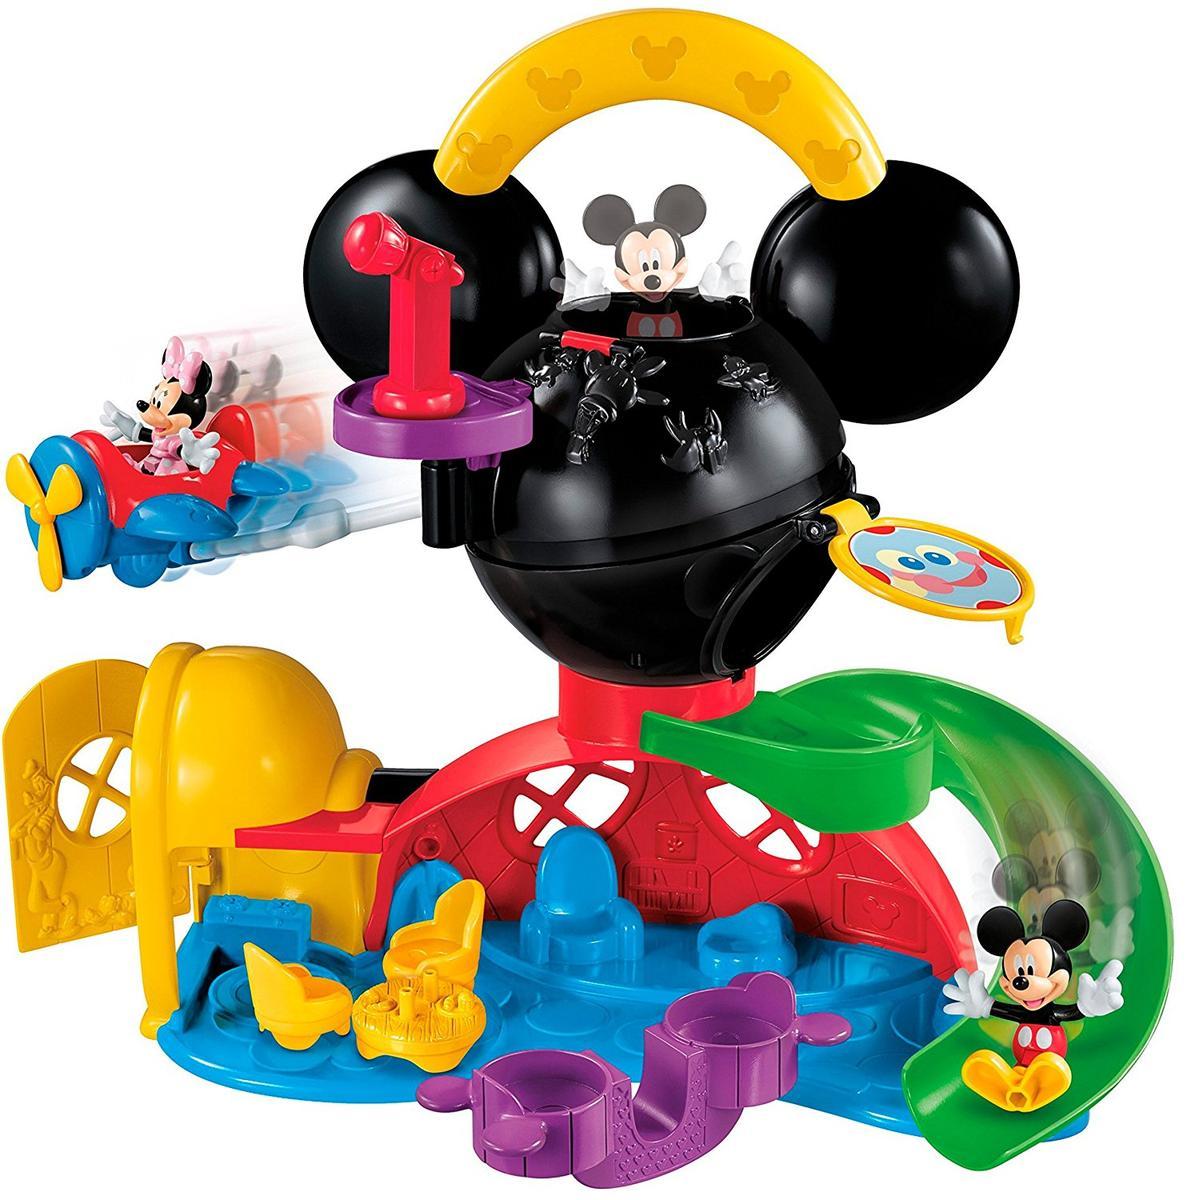 格安人気 Fisher-Price Fisher-Price フィッシャープライス おもちゃ ミッキーマウス ミニーマウス クラブハウス ディズニー Fly N Slid N ディズニー 海外 おもちゃ, はきものや:65809c2c --- canoncity.azurewebsites.net